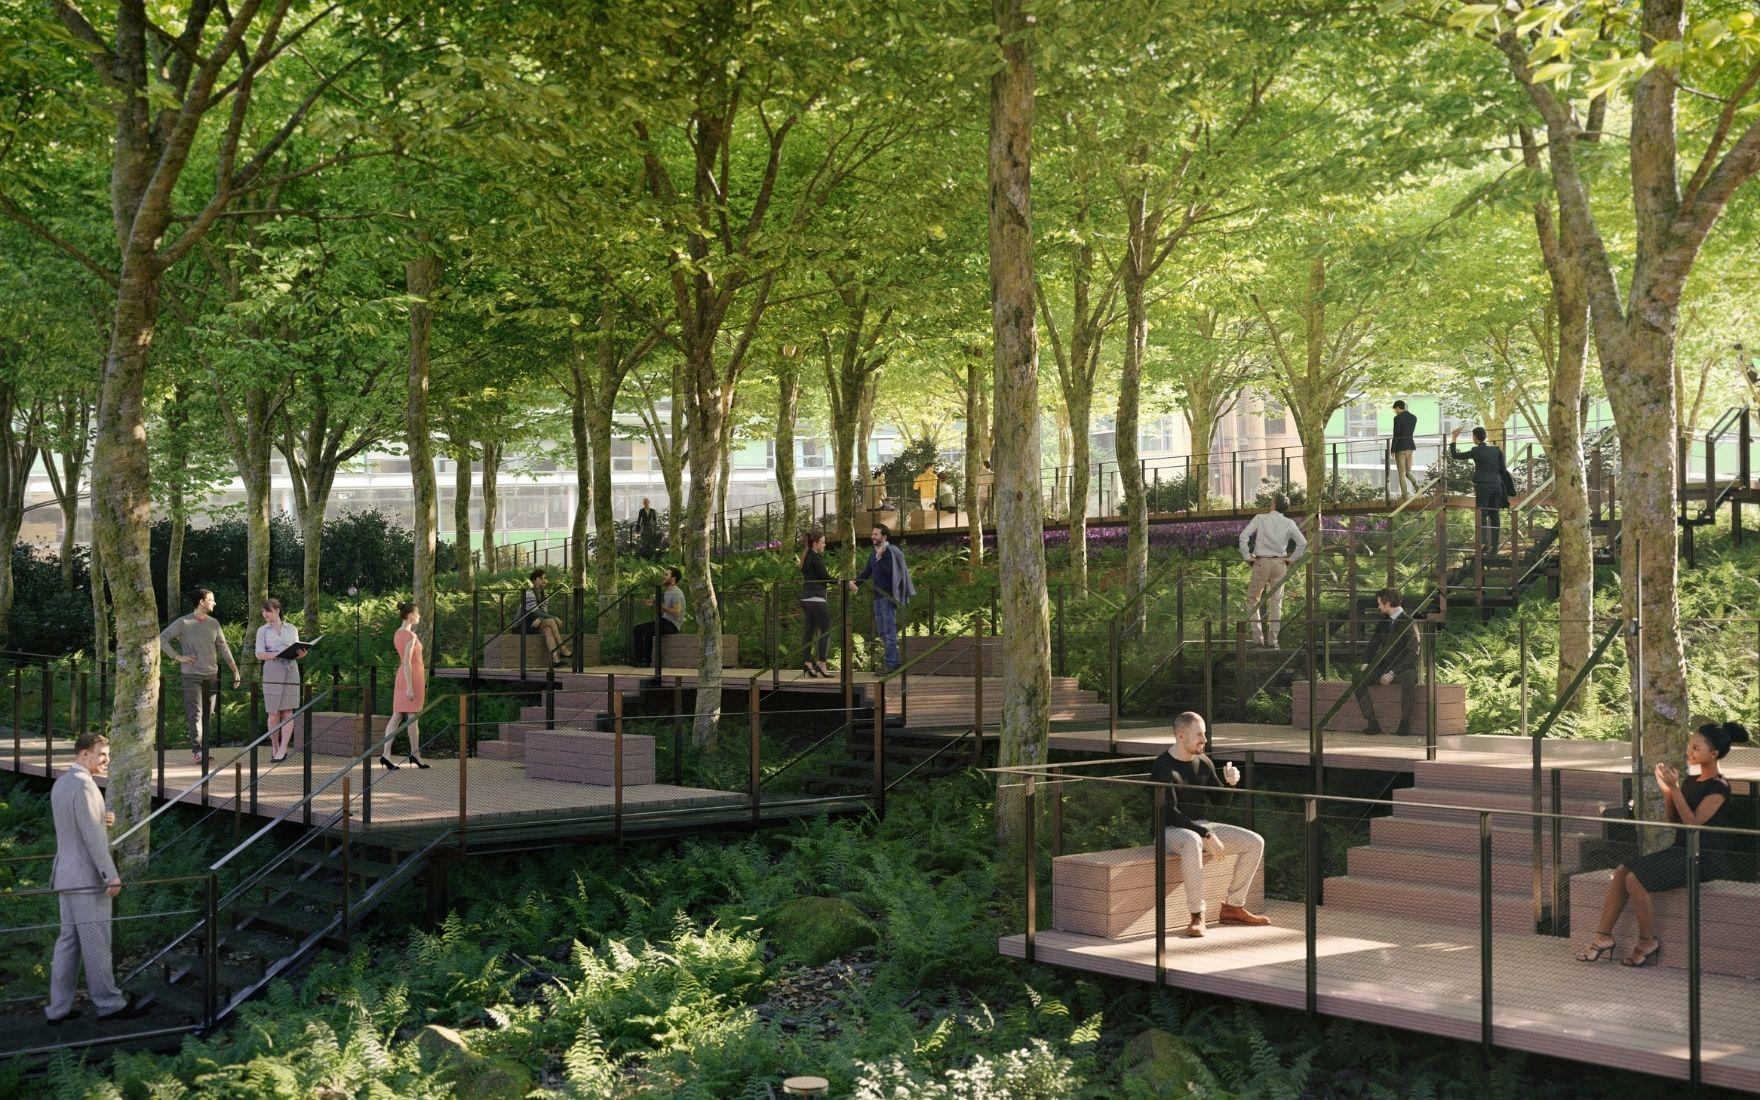 Renzo Piano Building Workshop riqualifica Monte Rosa 91 con AG&P greenscape